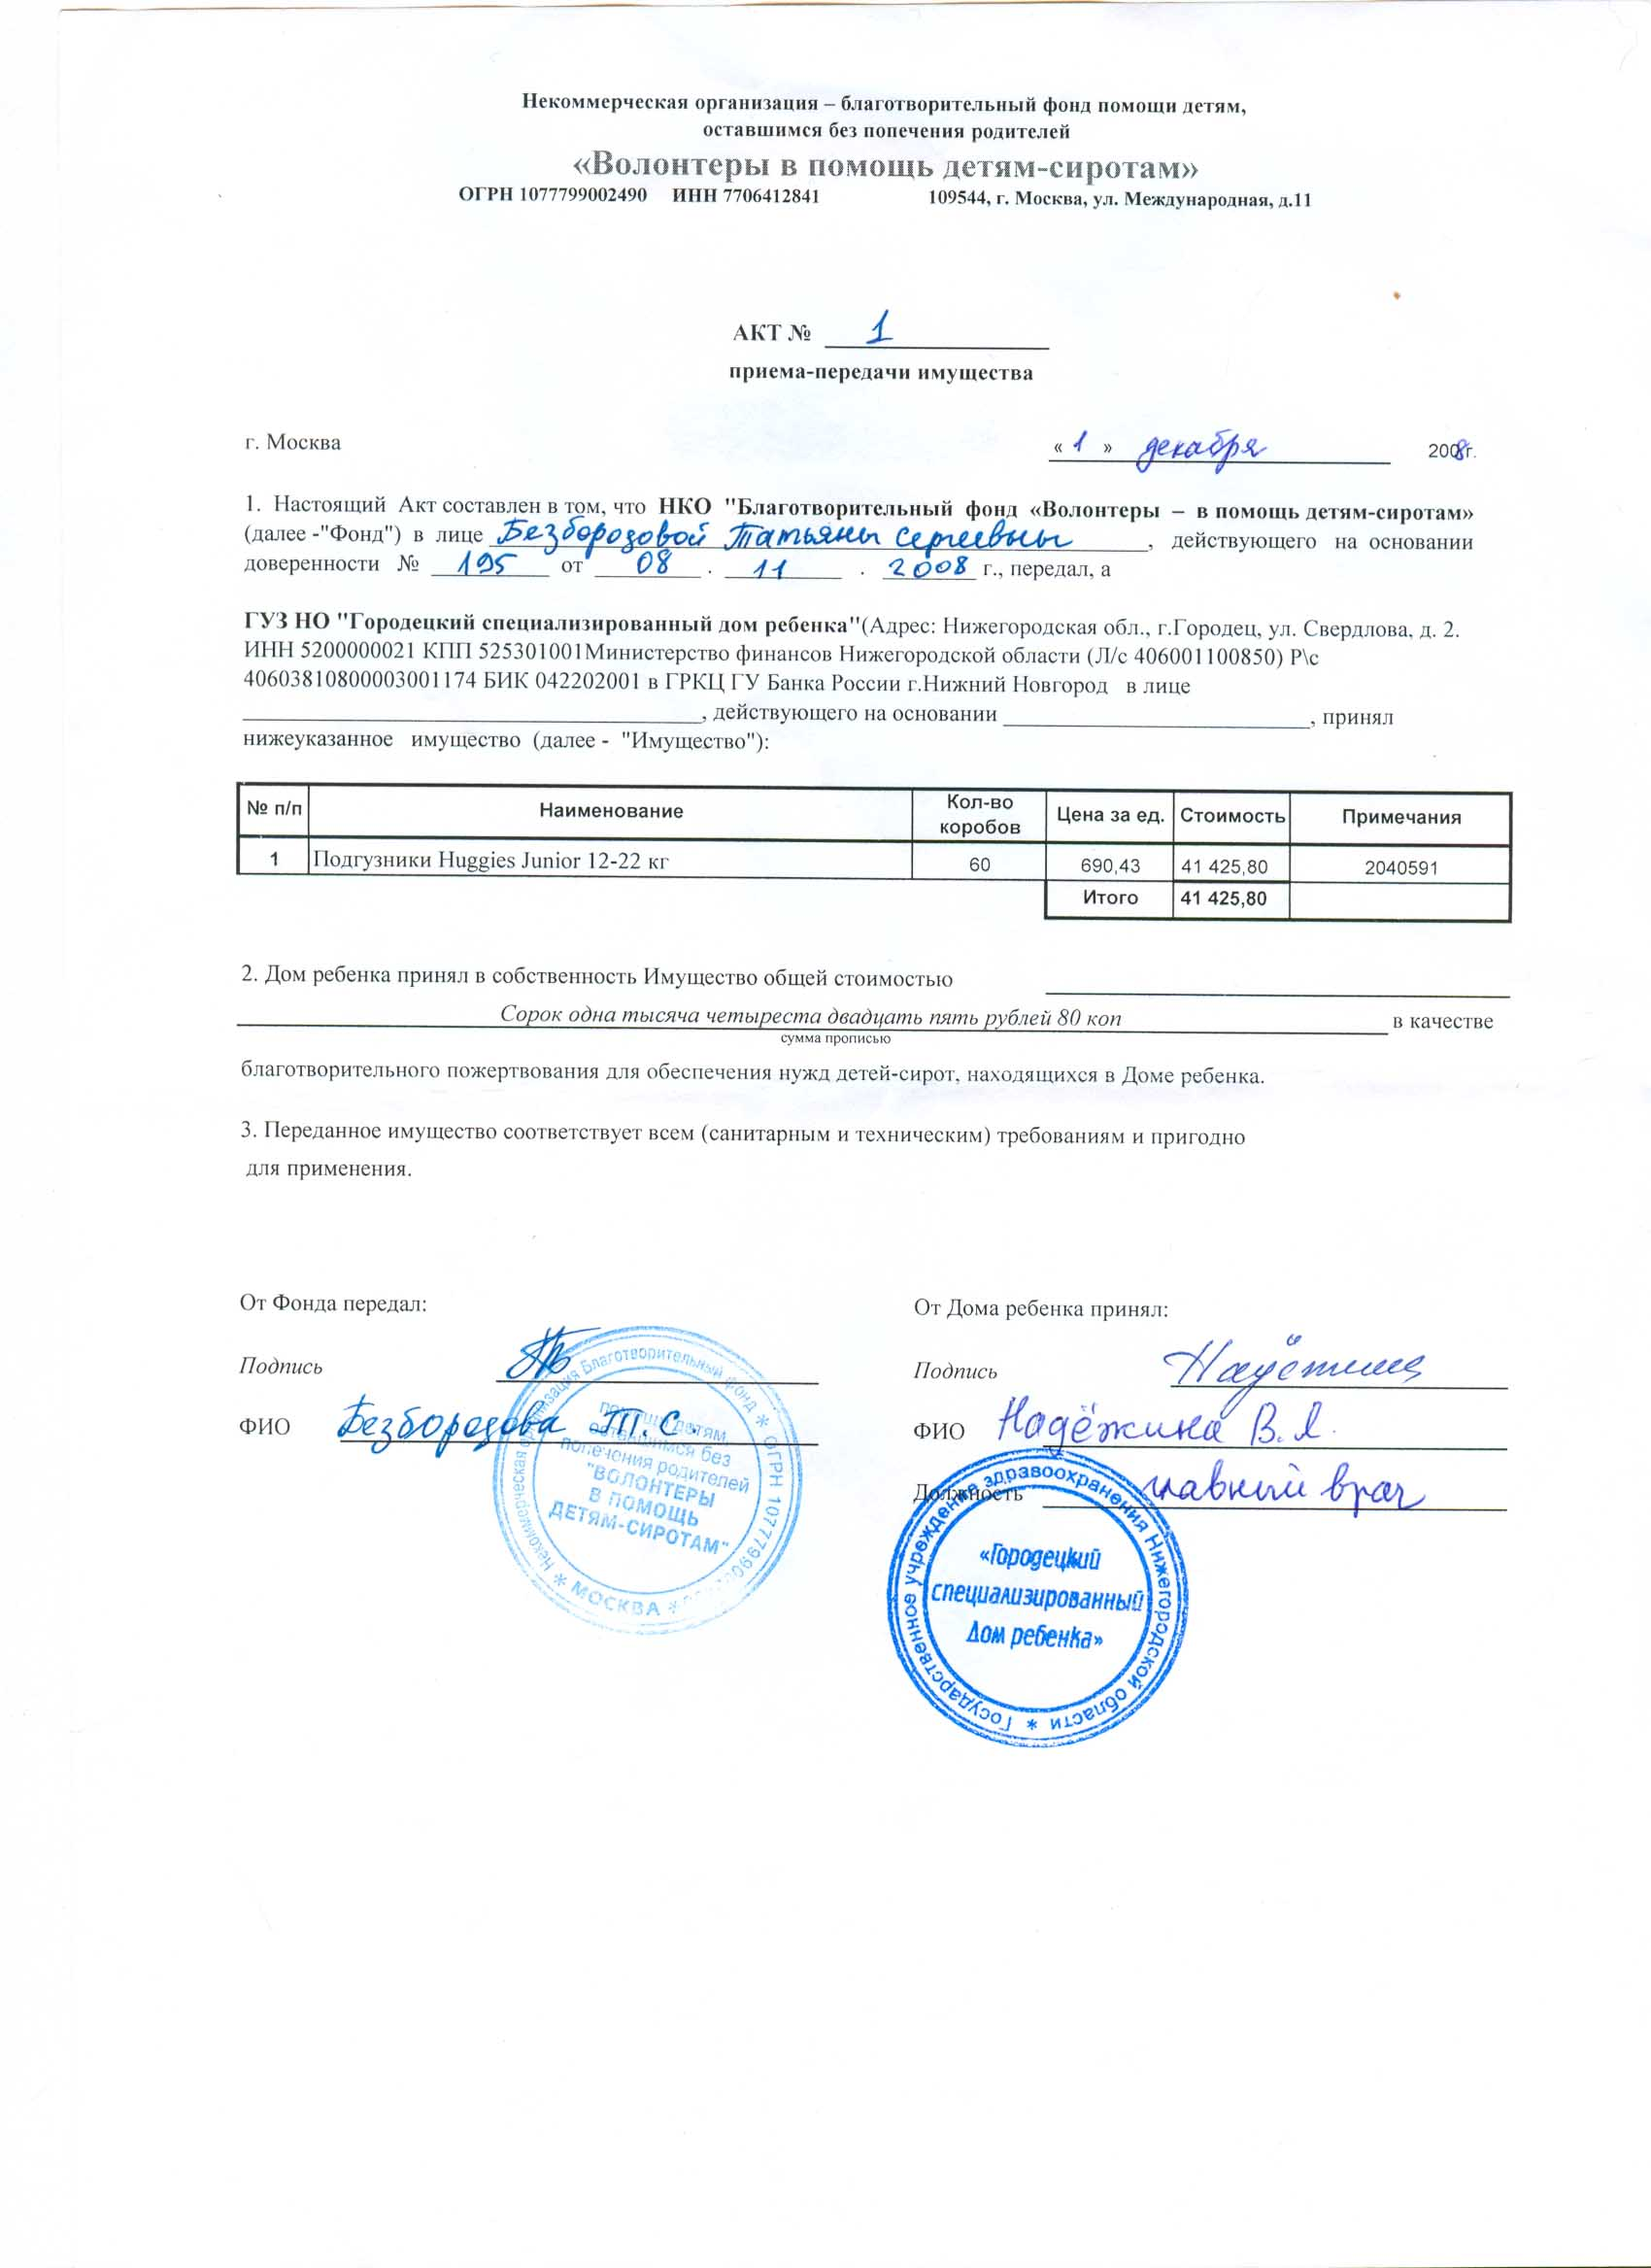 акт приема-передачи кадровой документации образец